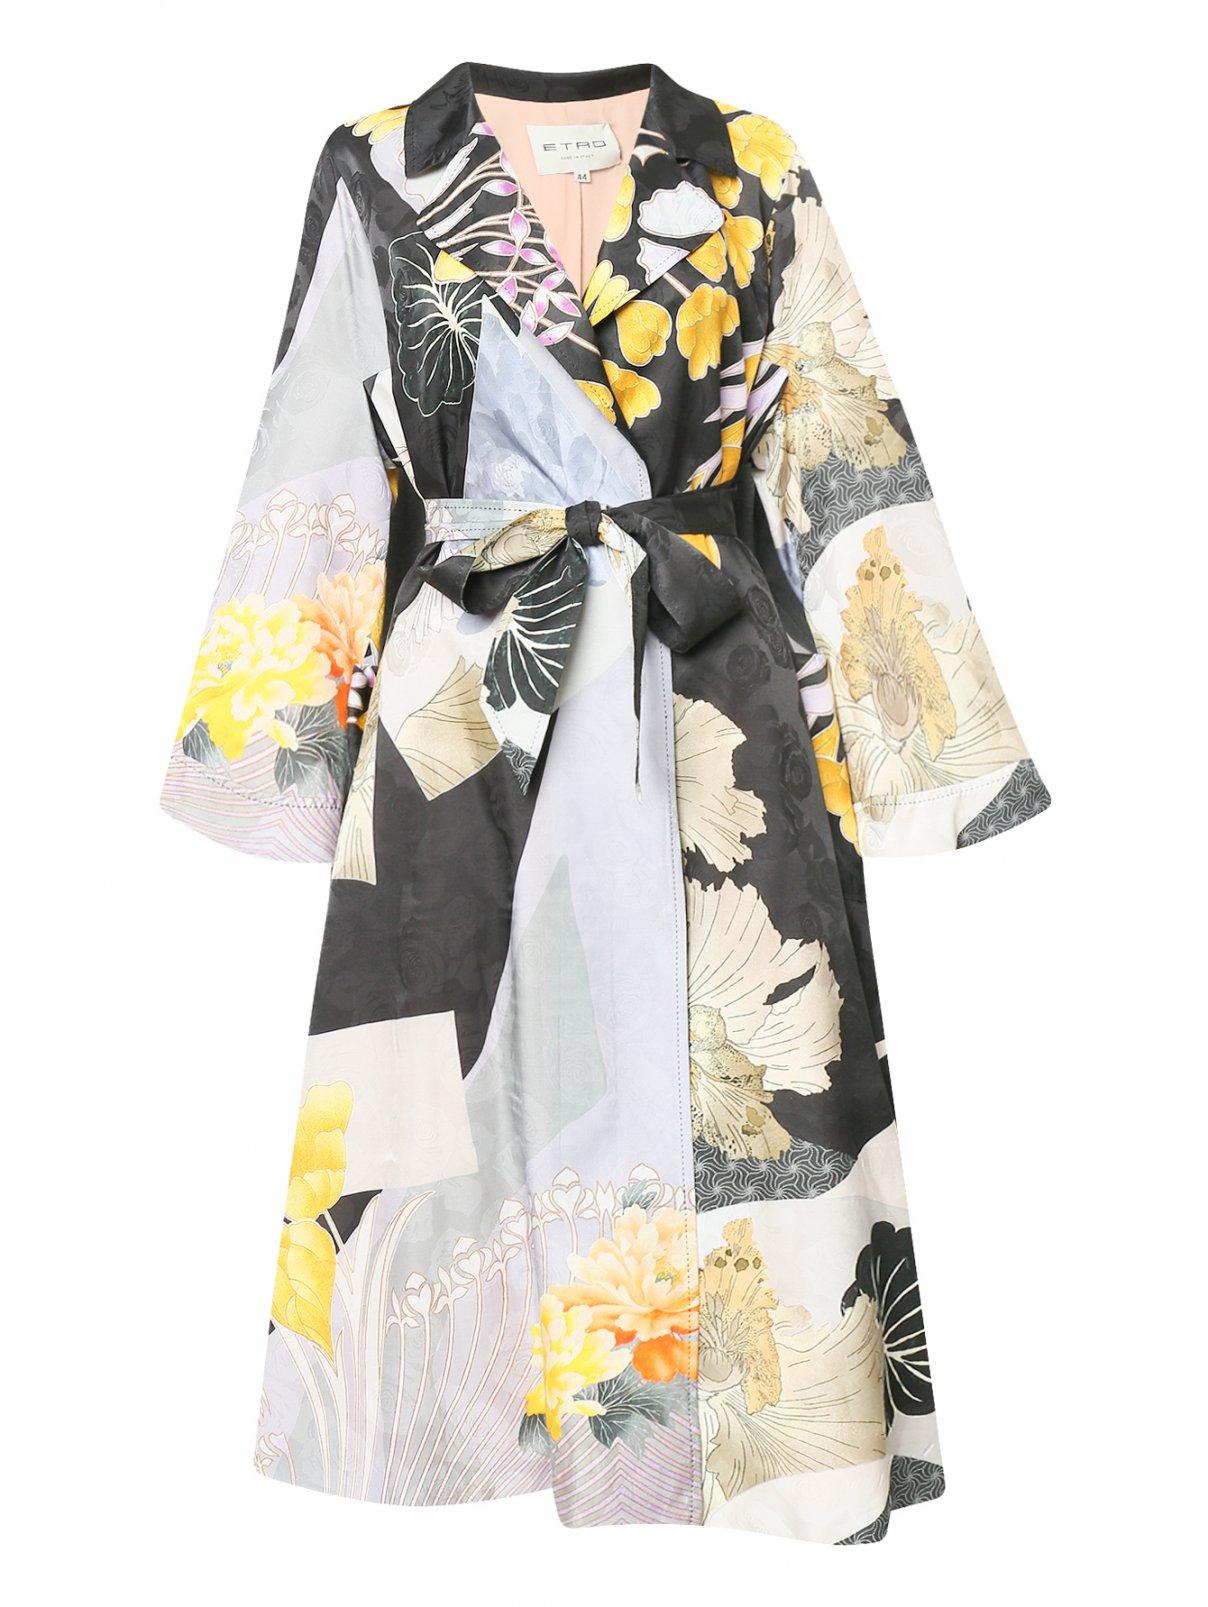 Легкое пальто из смешанного шелка с узором Etro  –  Общий вид  – Цвет:  Узор